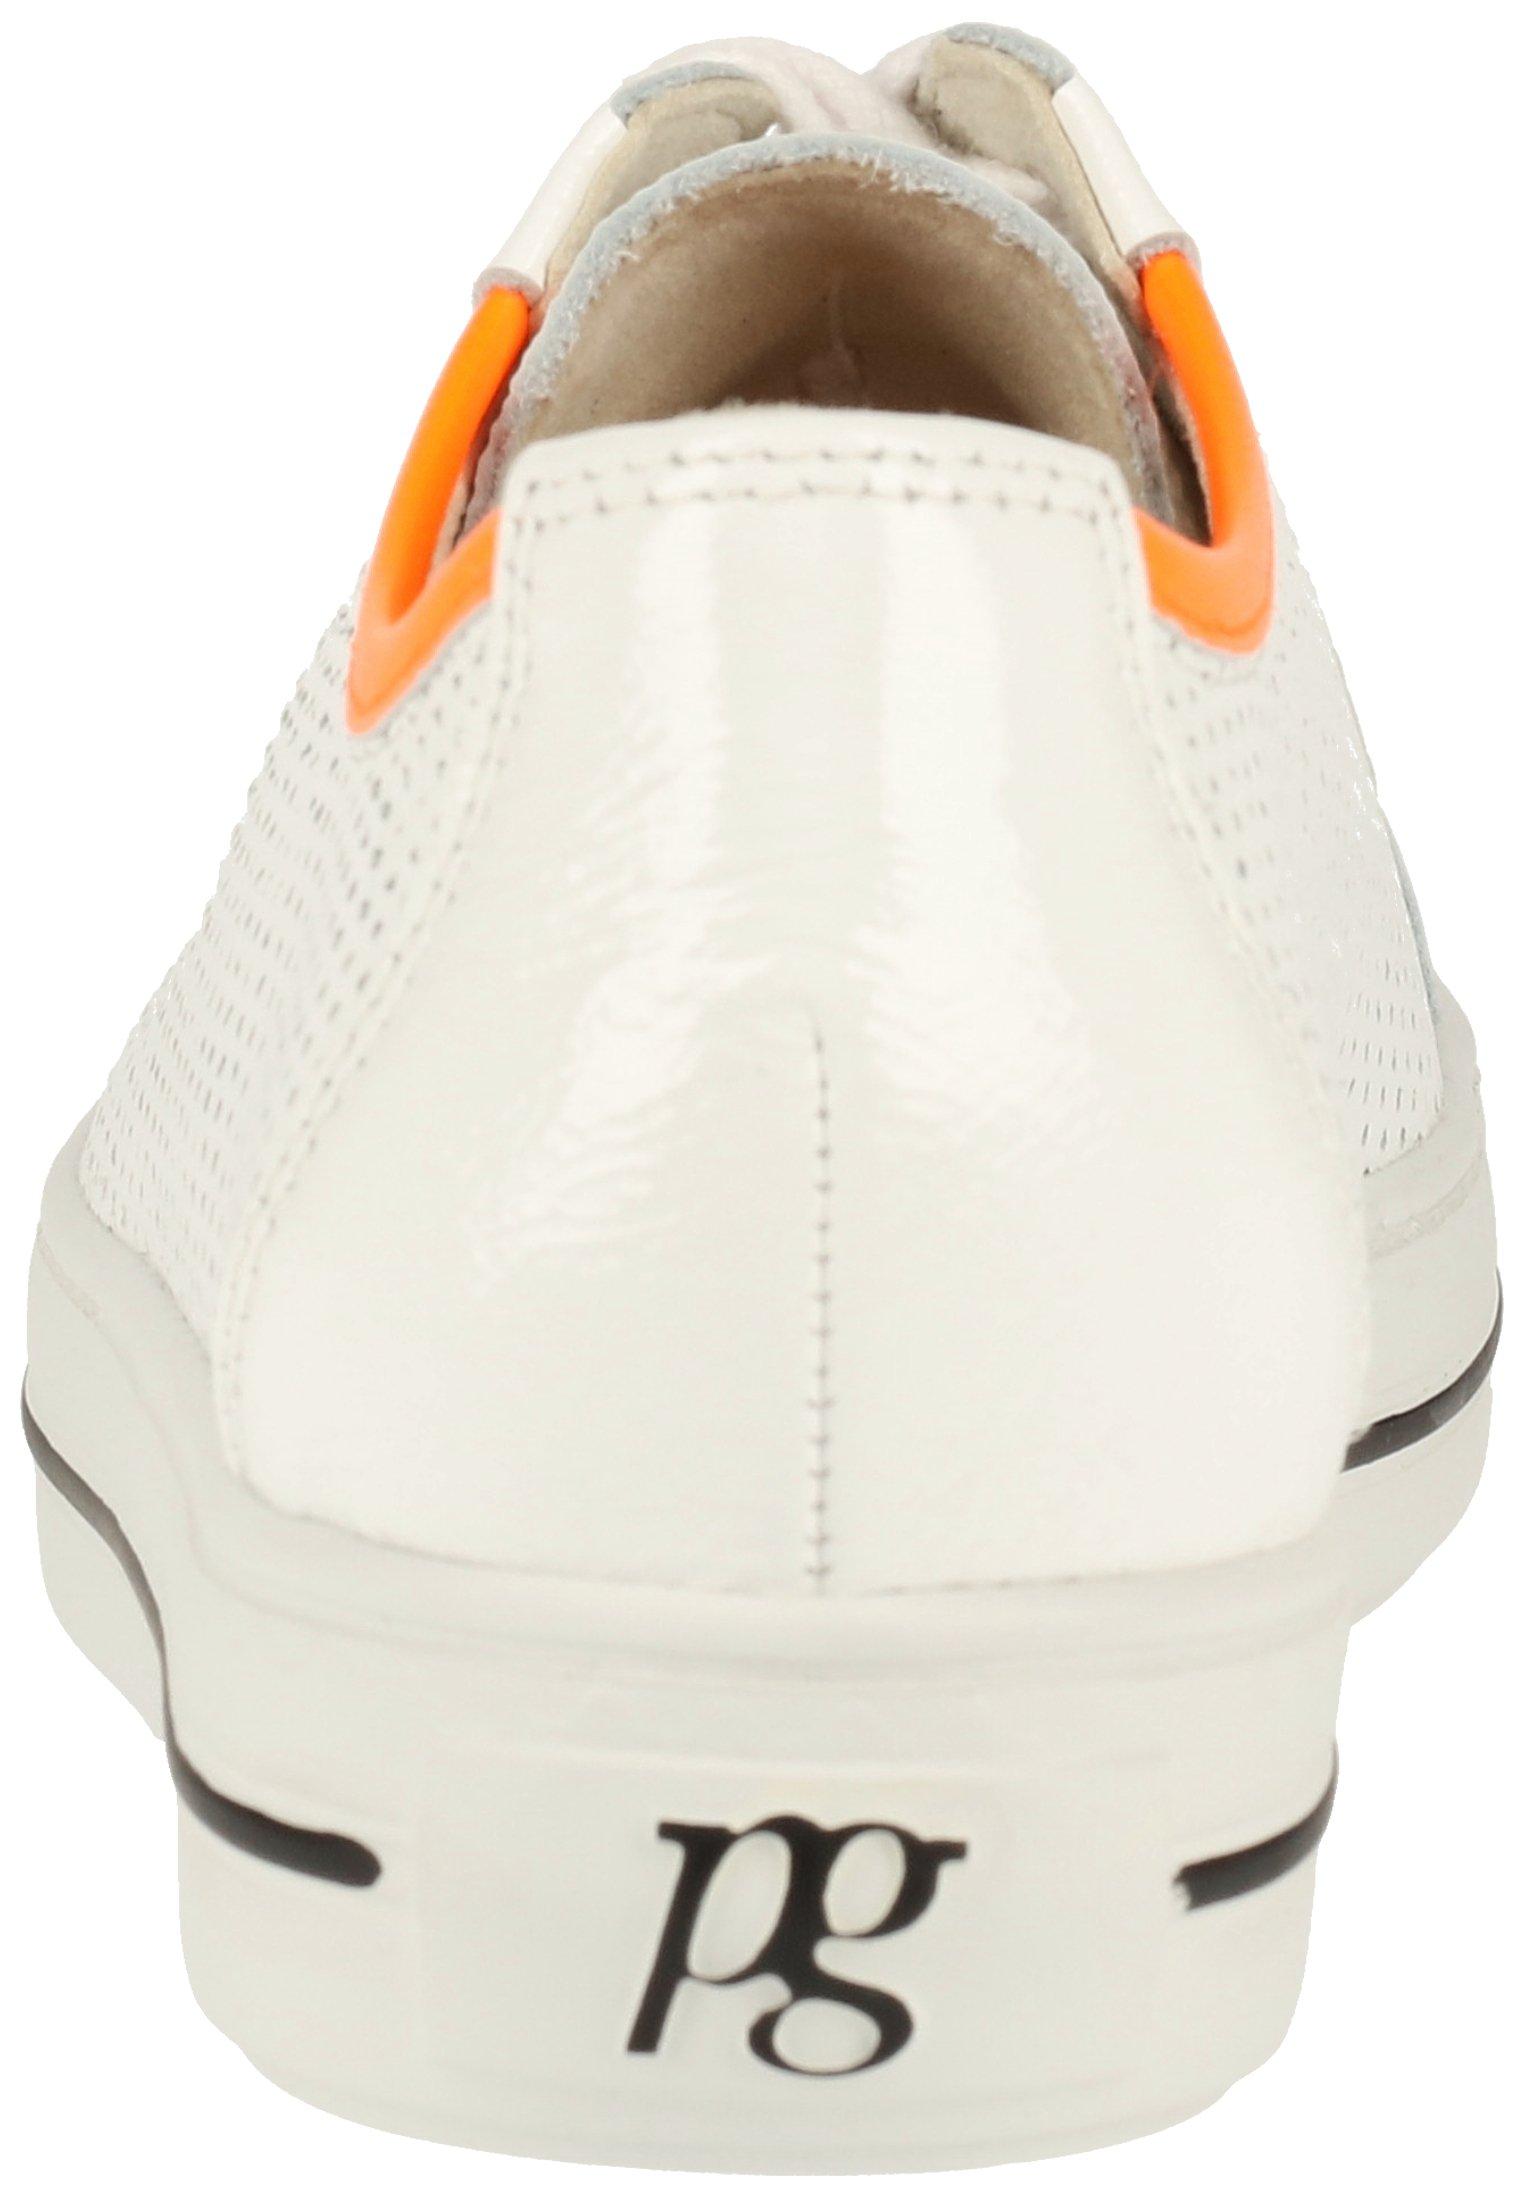 Paul Green Sneaker - Baskets Basses Weiß/orange 26